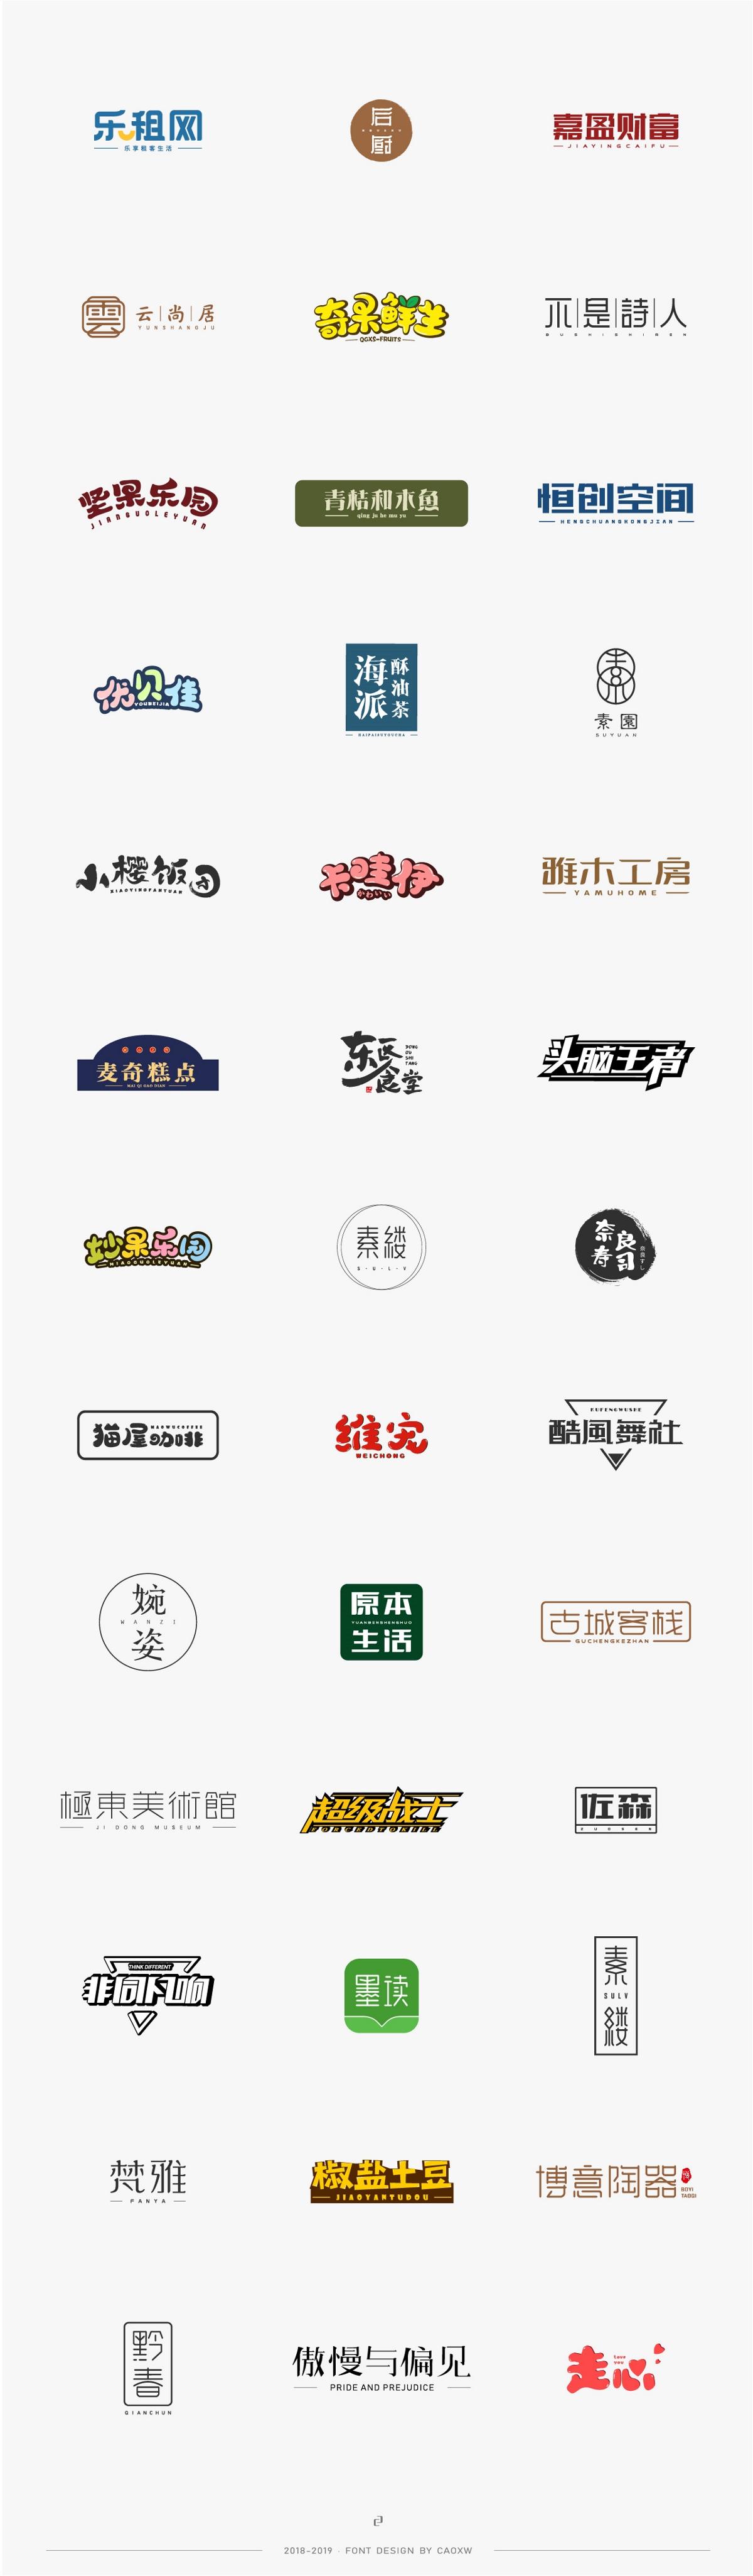 2018-2019字体设计小结(一)